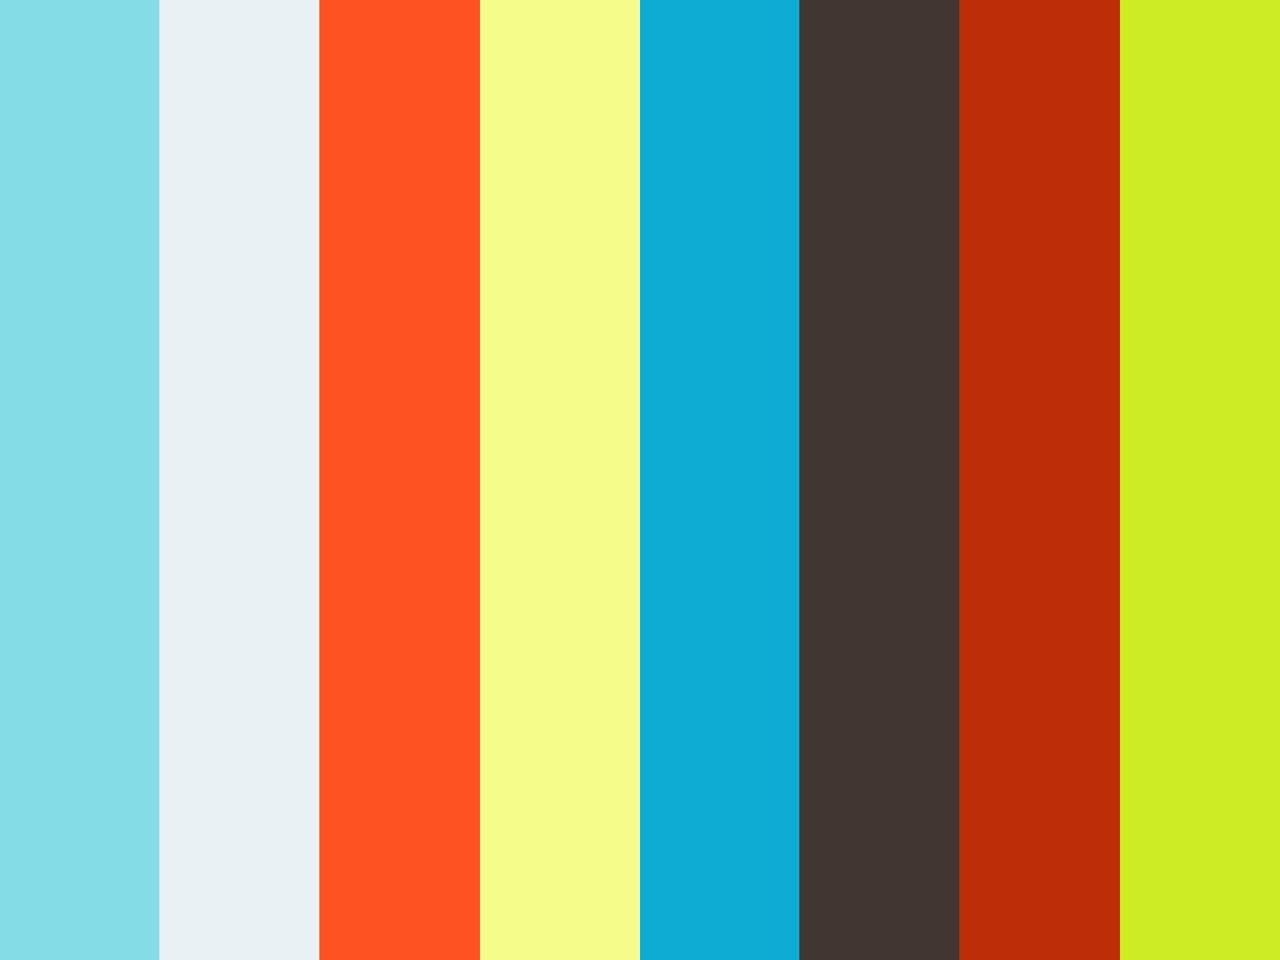 1-3 Colour